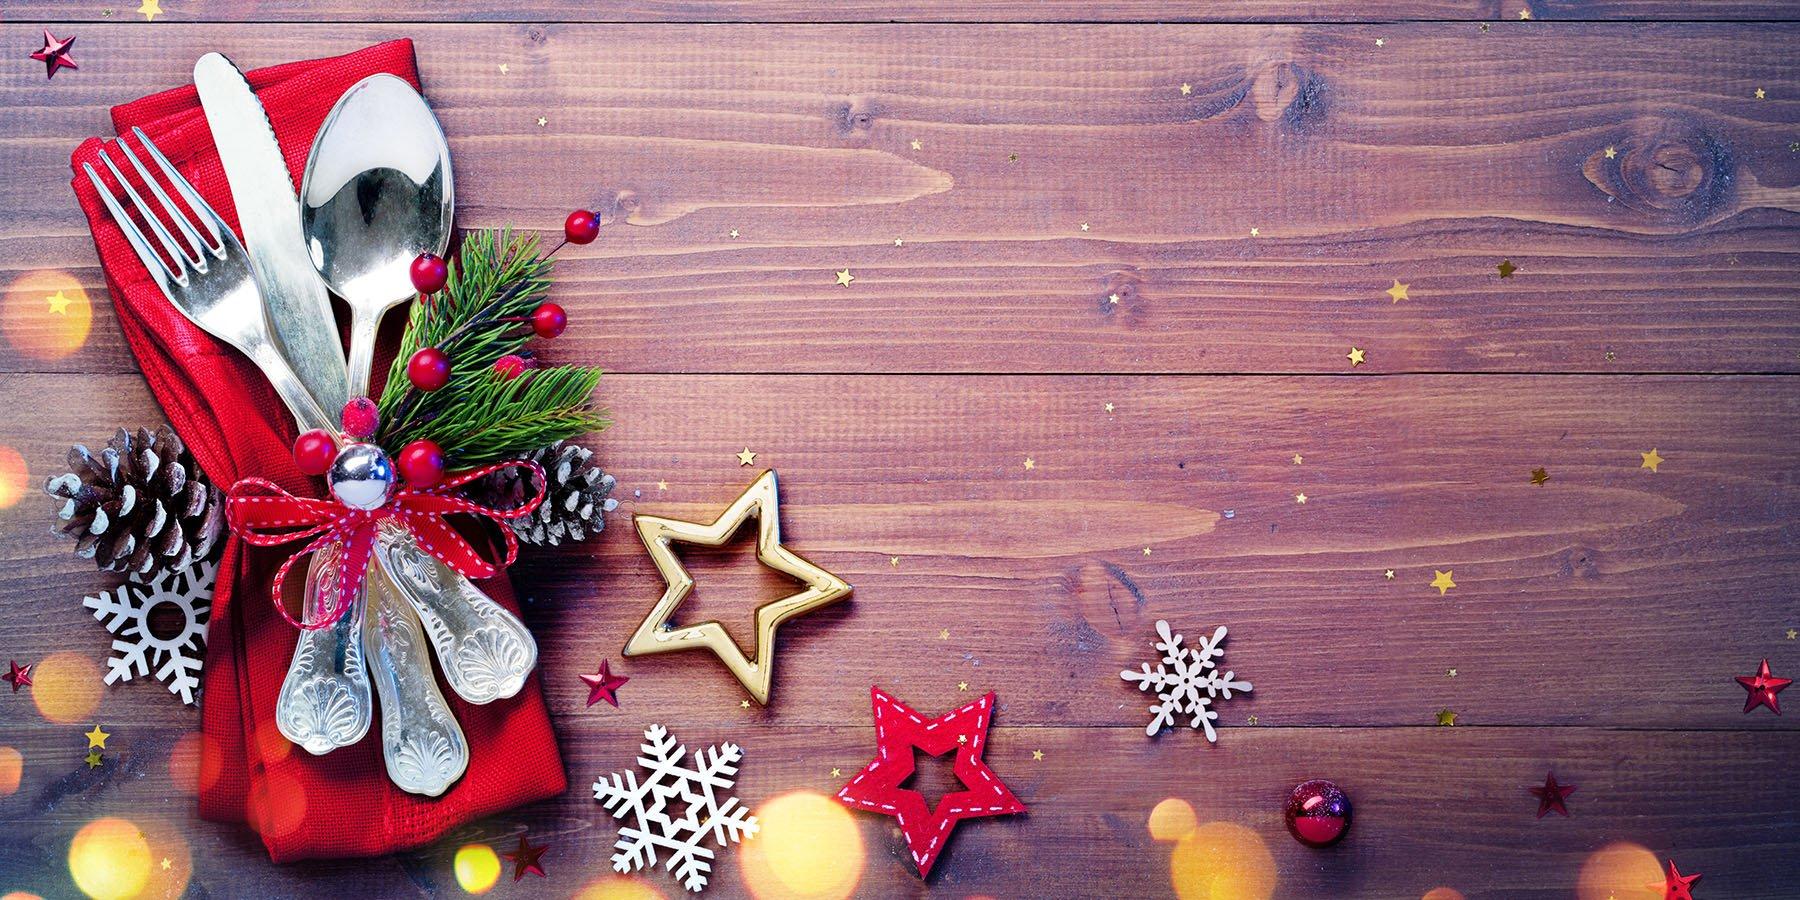 Öffnungszeiten, Weihnachten und Neujahr 21/22, Ristorante Mercato und Pizzeria Giardino, Kloten, welcome hotels